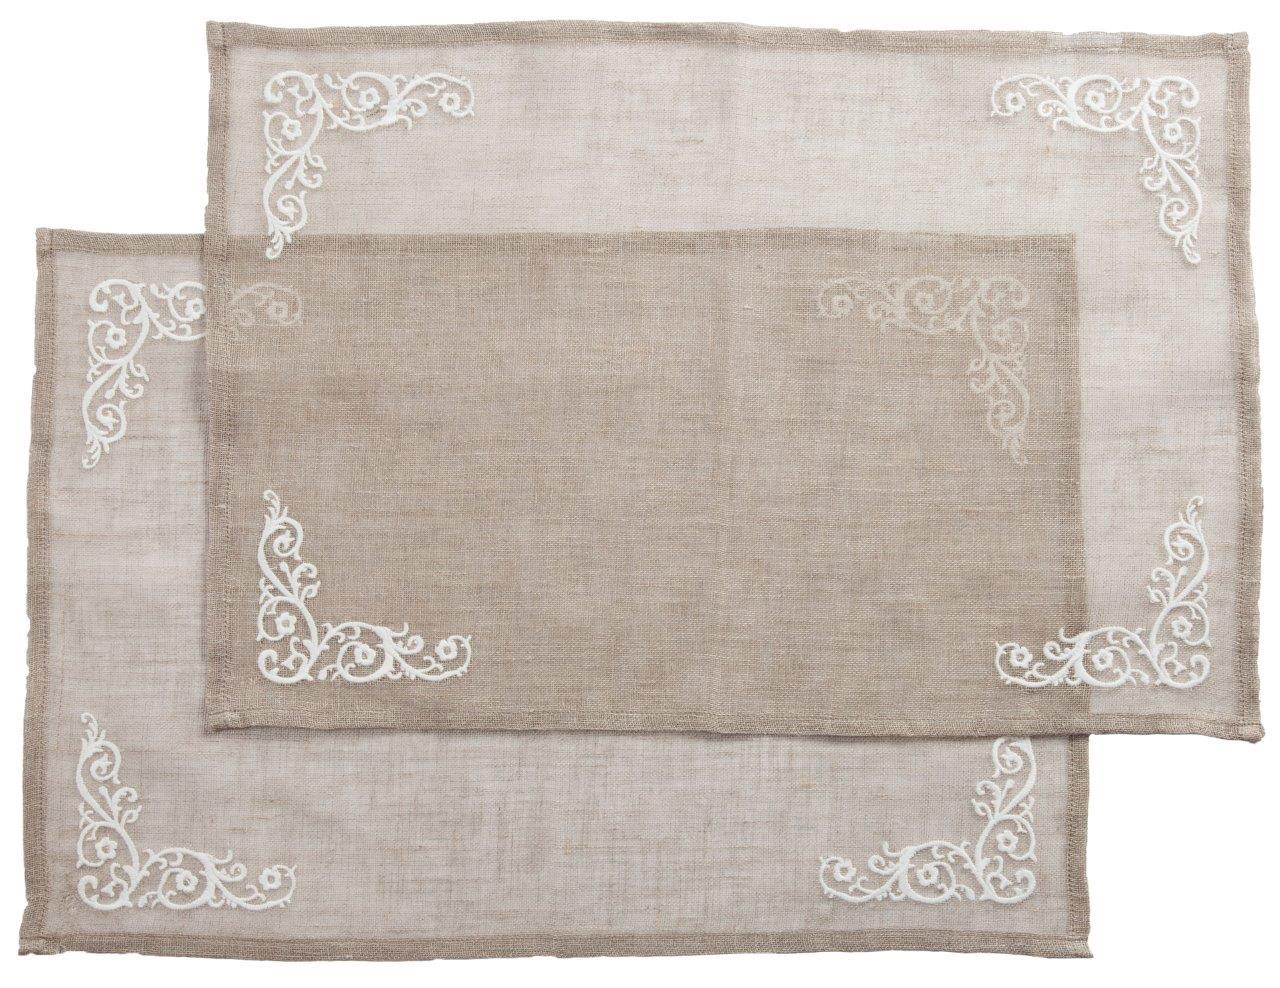 Купить Набор из 2 сервировочных салфеток с вышивкой Ternura в интернет магазине дизайнерской мебели и аксессуаров для дома и дачи